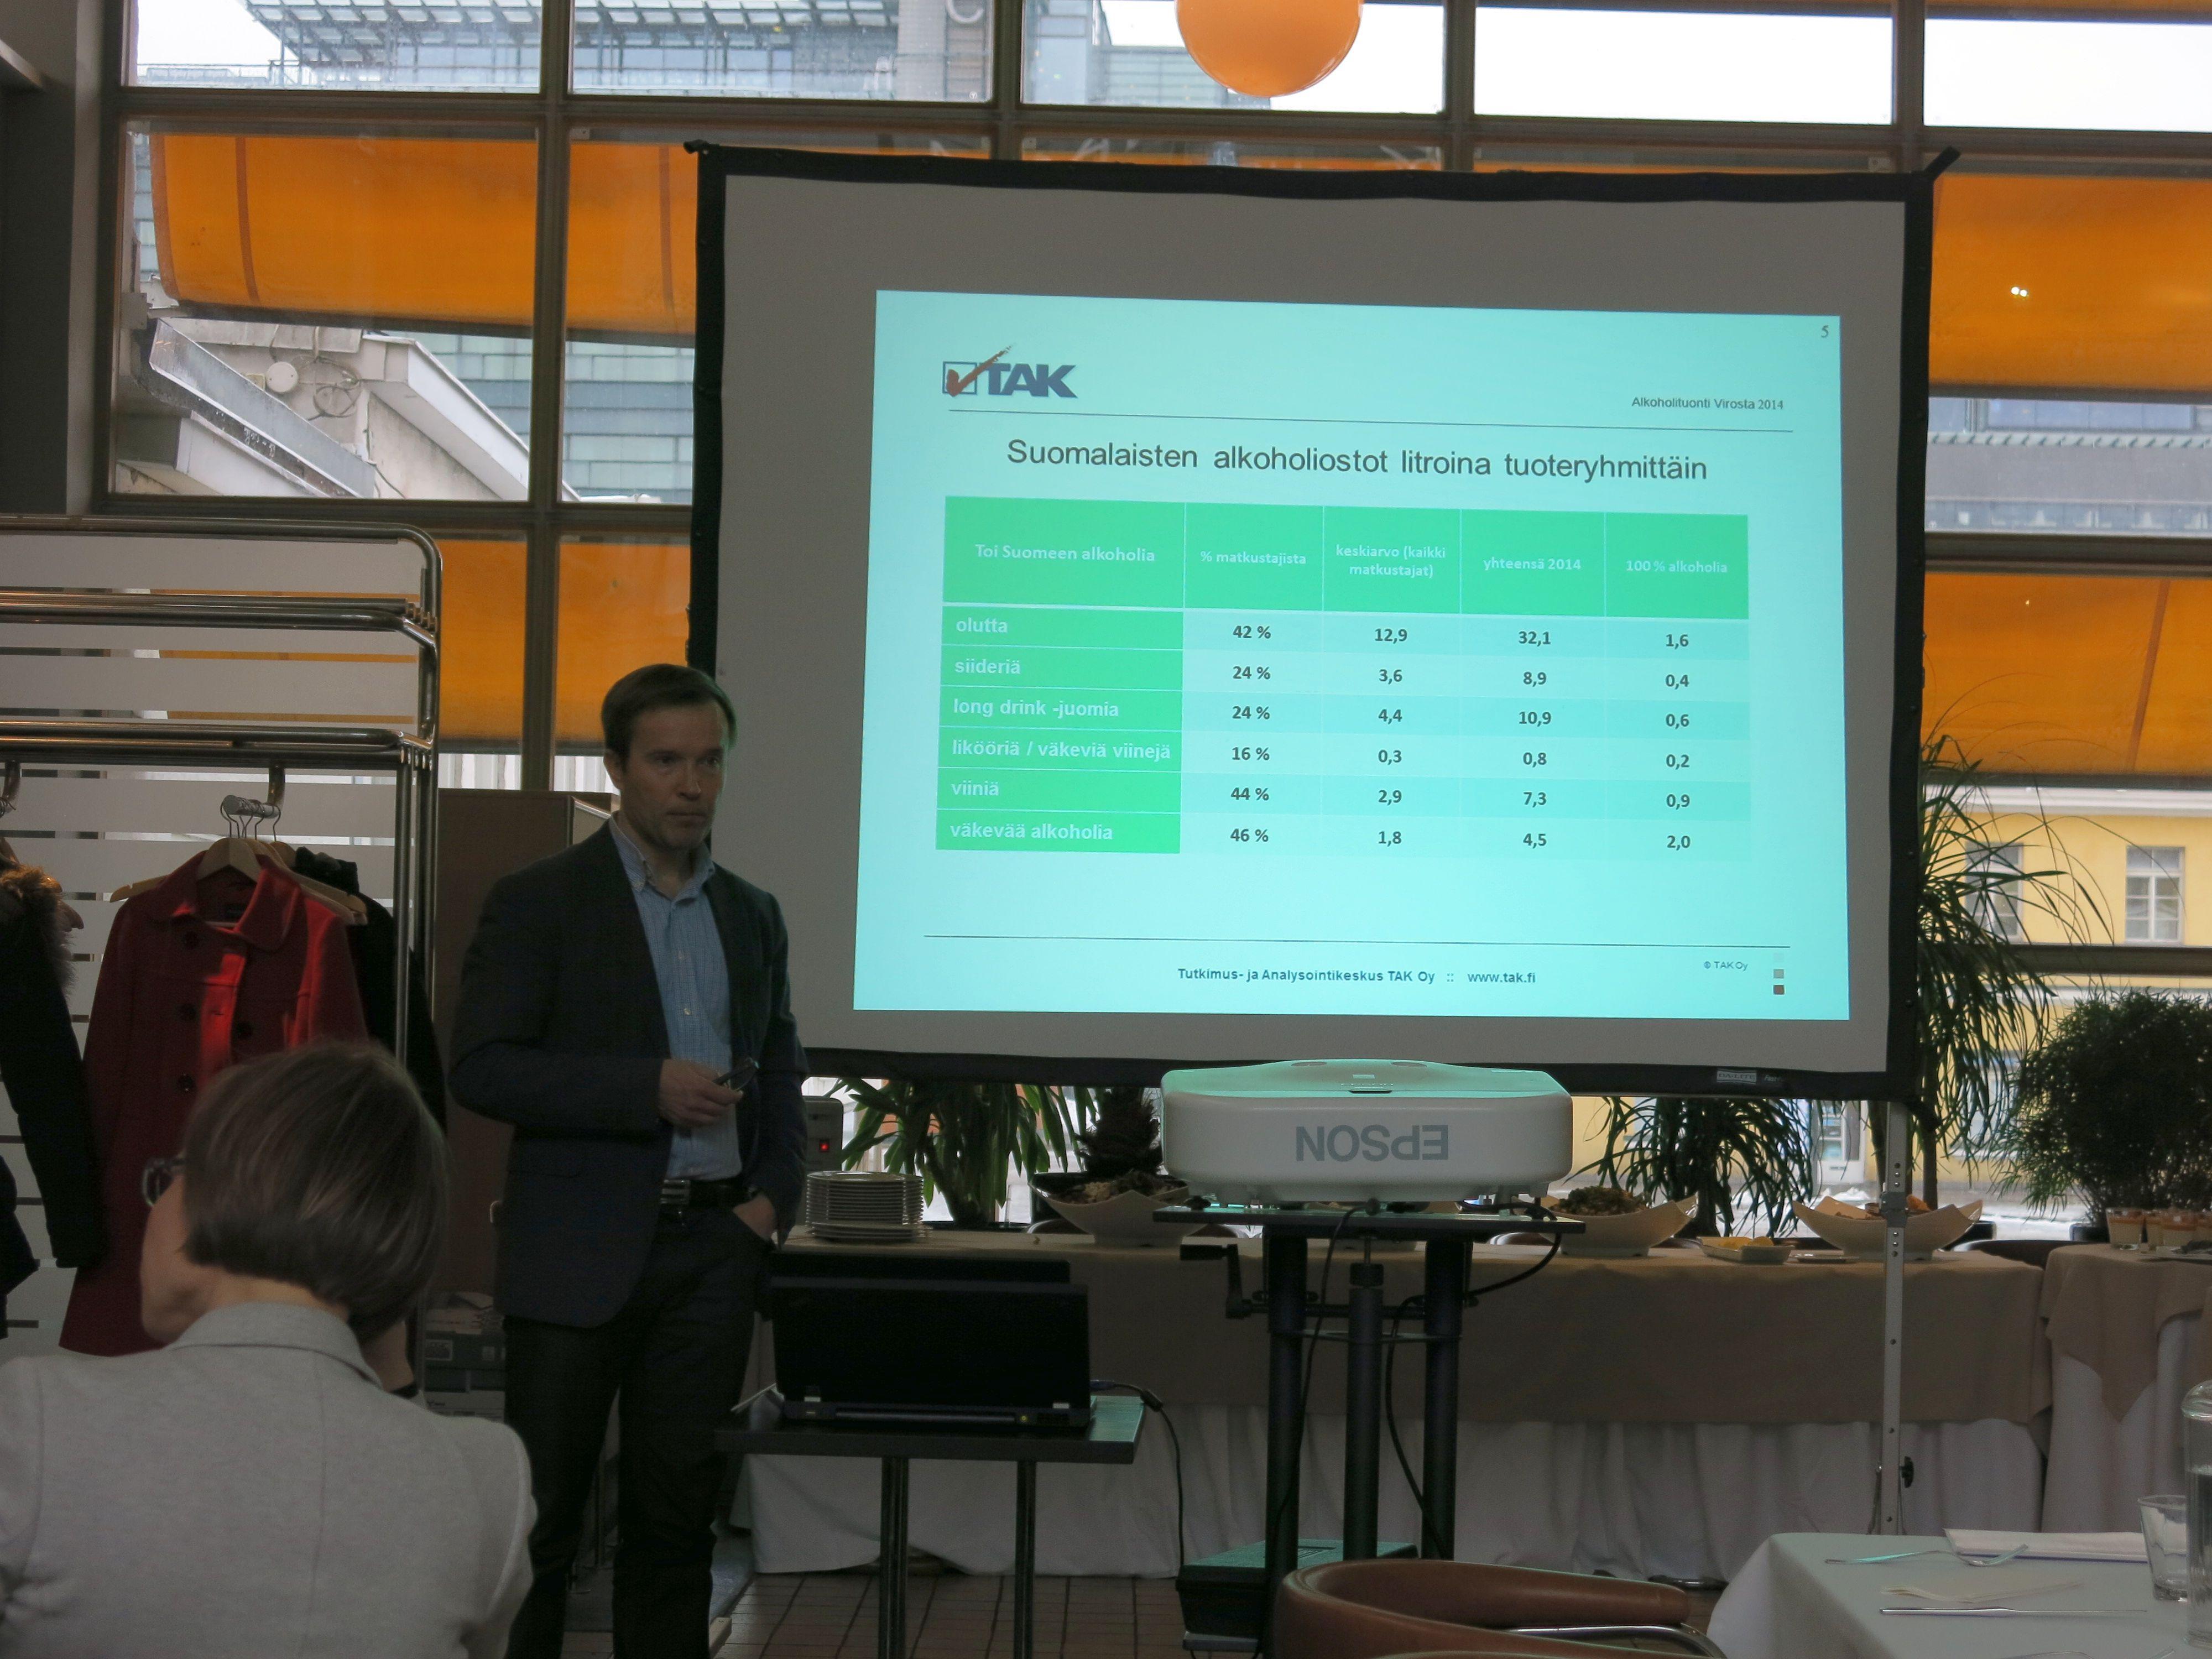 Tutkimus: Uudet Viron tuontirajoitukset eivät pysäyttäneet ammattimaista trokausta